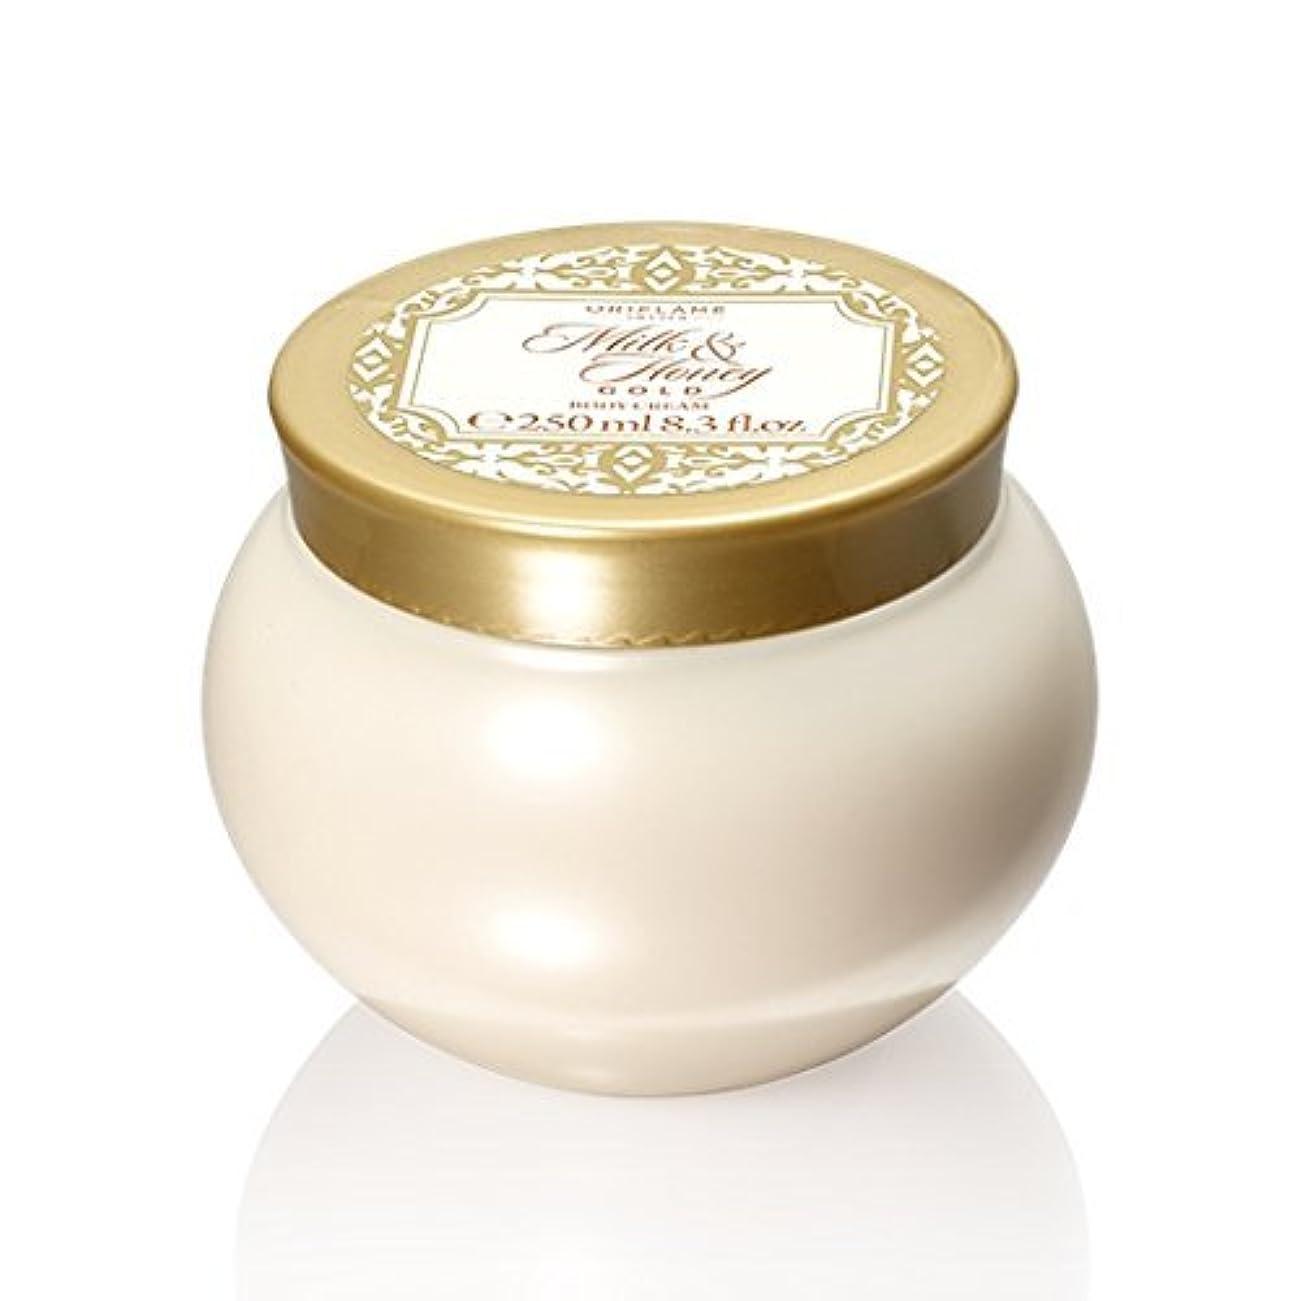 魅力的揃えるボリュームMilk and Honey Gold Body Cream by Oriflame